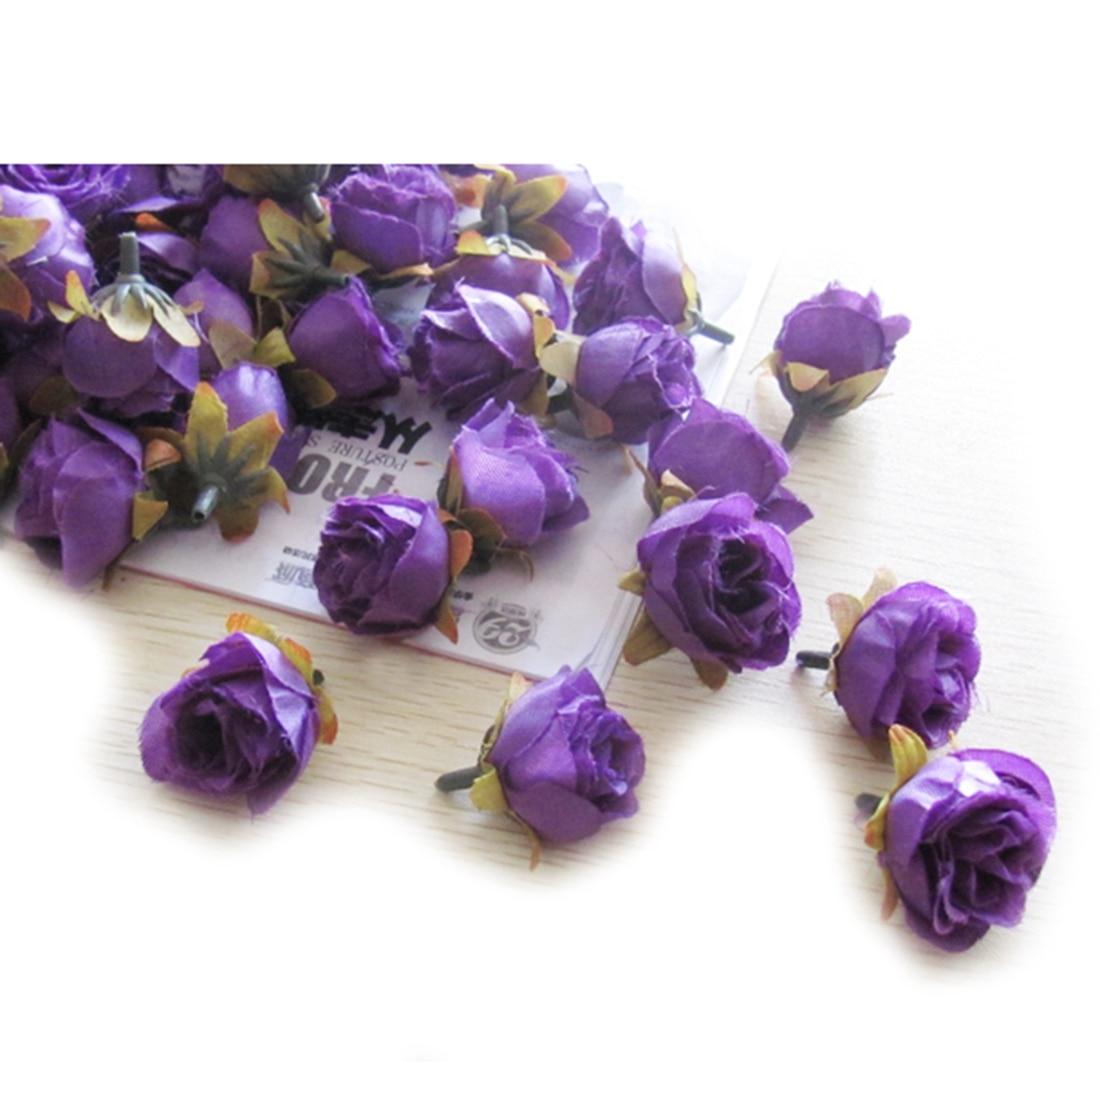 UESH-100pcs Multi Color Pequeño Té Rosa Bricolaje Rosa Flor de Seda - Para fiestas y celebraciones - foto 3